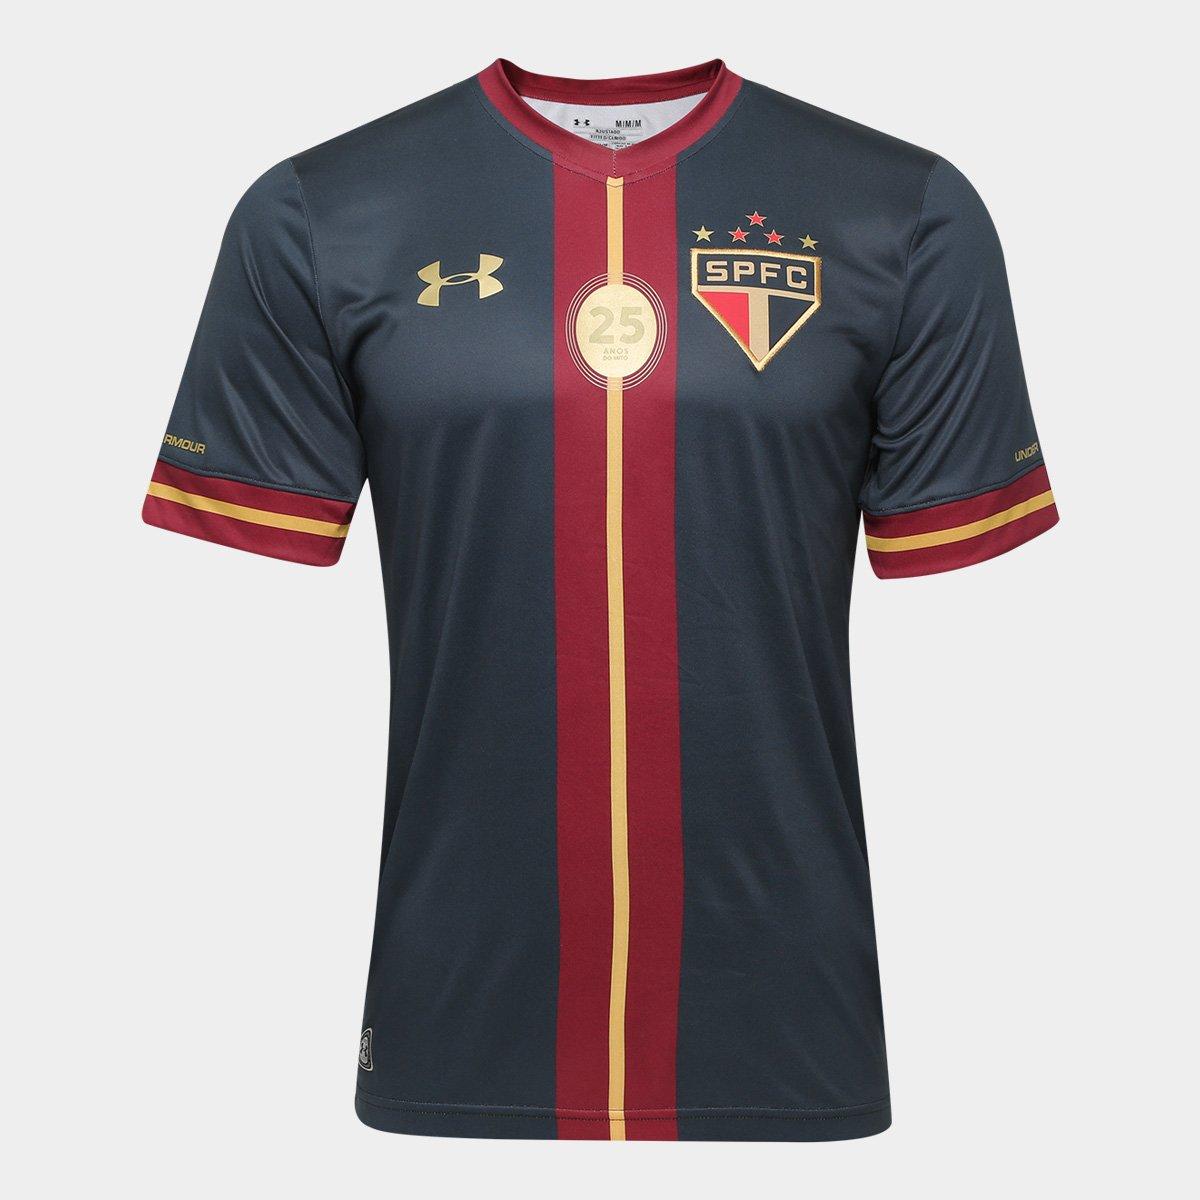 5b0bd4b3bd8 Camisa São Paulo Goleiro III 15 16 nº 01 R.Ceni - Edição Especial Under  Armour Masculina - Compre Agora